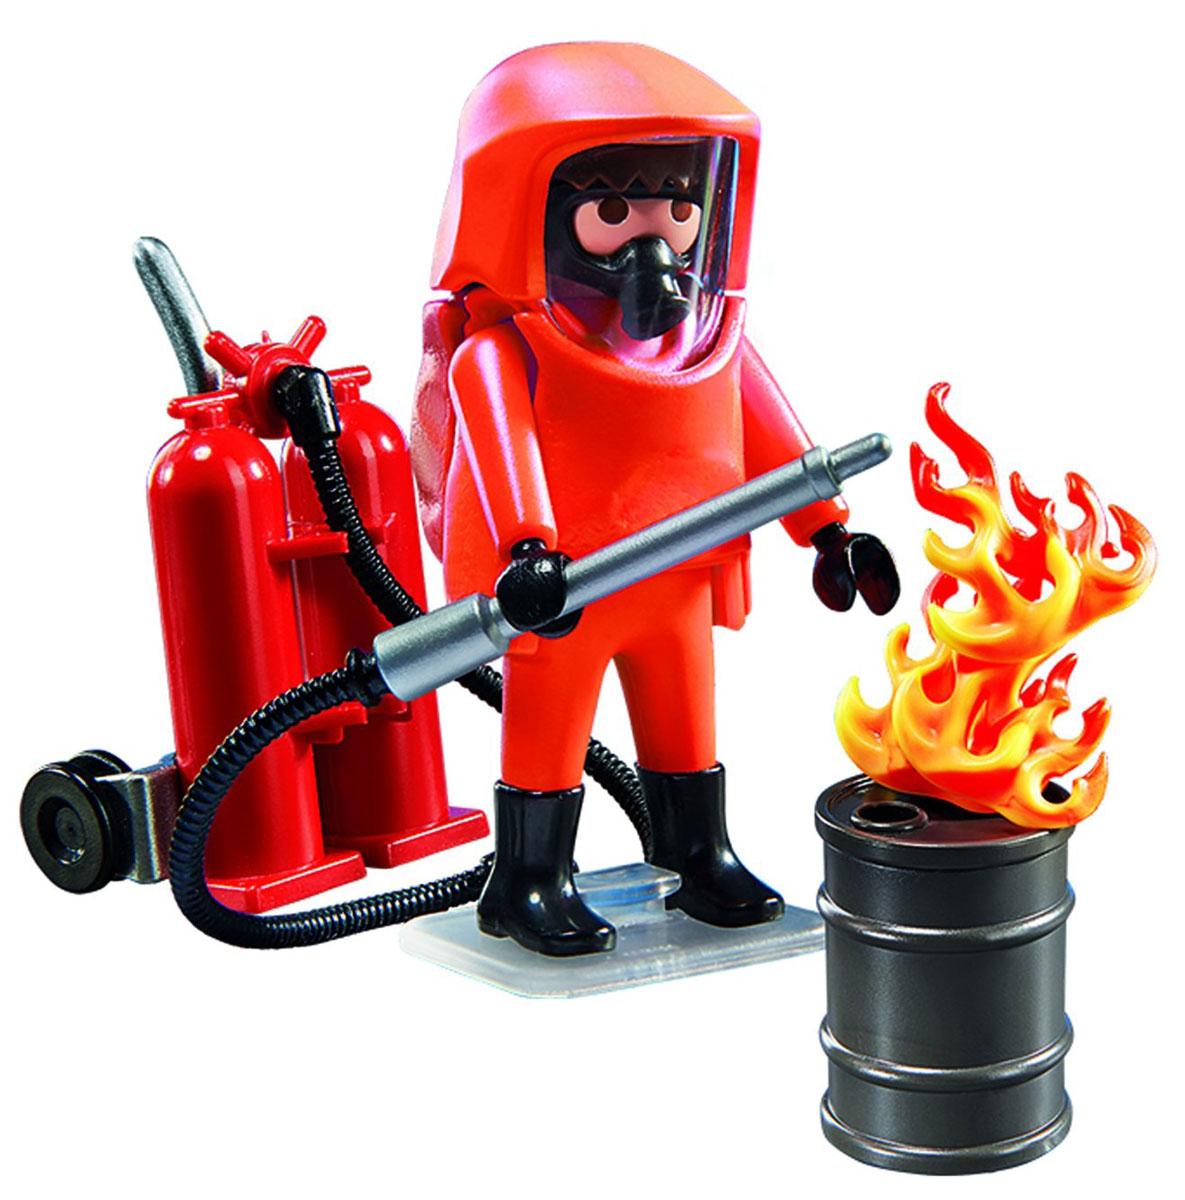 Playmobil Игровой набор Специальные пожарные силы5367pmИгровой набор Playmobil Специальные пожарные силы обязательно понравится вашему ребенку. Он выполнен из безопасного пластика и включает фигурки в виде пожарного в огнезащитном костюме, бочку, три элемента в виде пламени и другие аксессуары для игры. У фигурки подвижные части тела; в руках пожарный может удерживать предметы. Ваш ребенок с удовольствием будет играть с набором, придумывая захватывающие истории. Рекомендуемый возраст: от 5 до 10 лет.